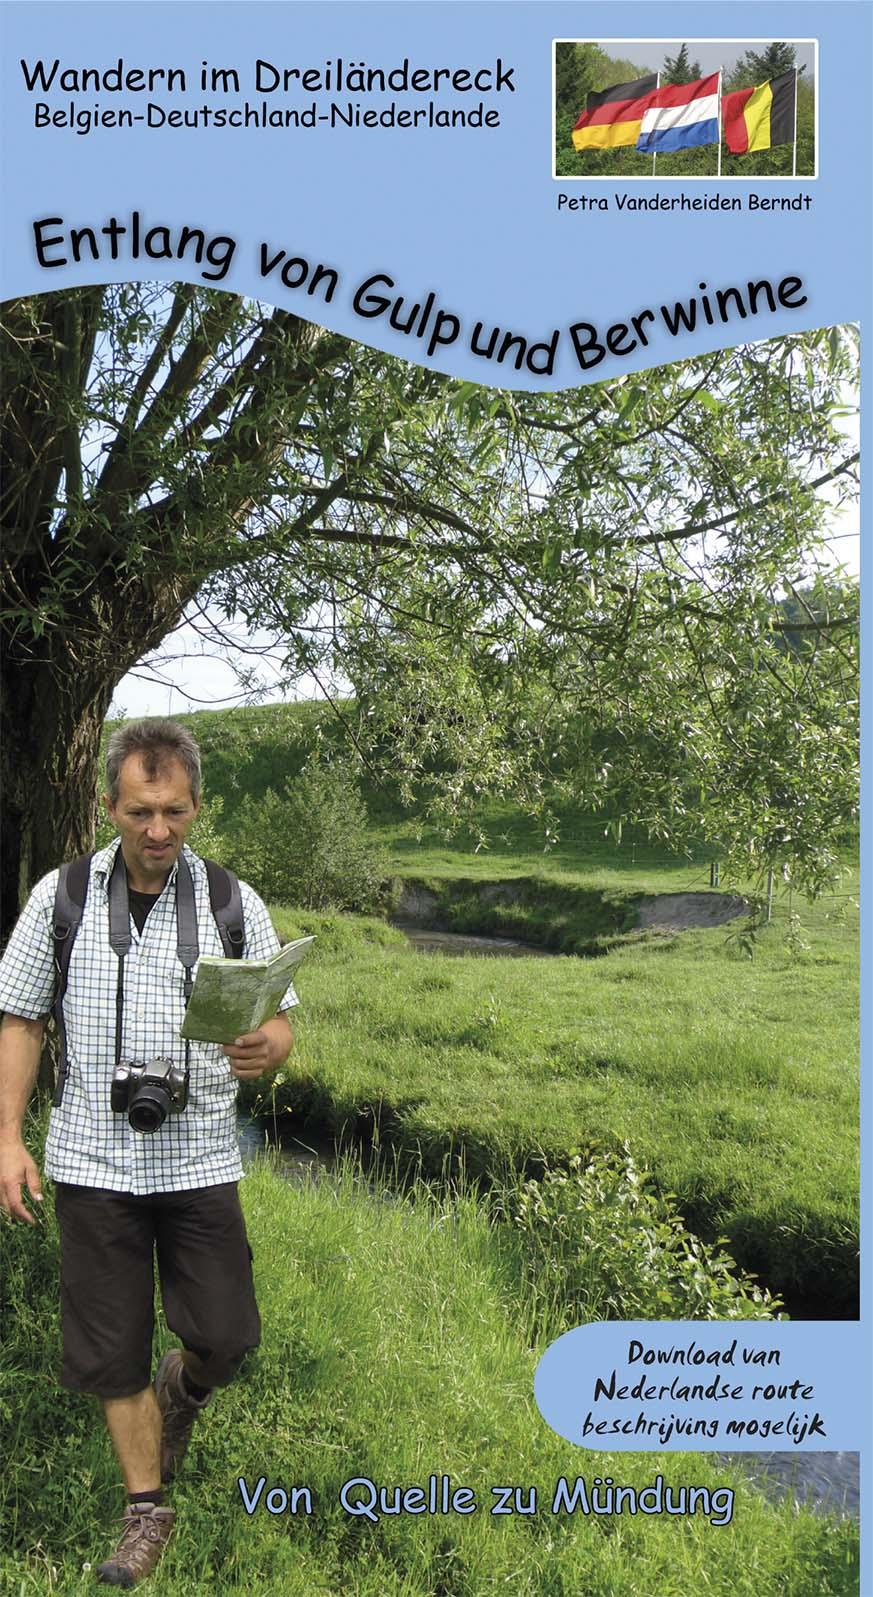 e66e923de1b Mit diesem Wanderführer erkunden wir erneut das Umland von Aachen und  lernen den Verlauf und die nähere Umgebung der Flüsse Gulp und Berwinne  kennen.